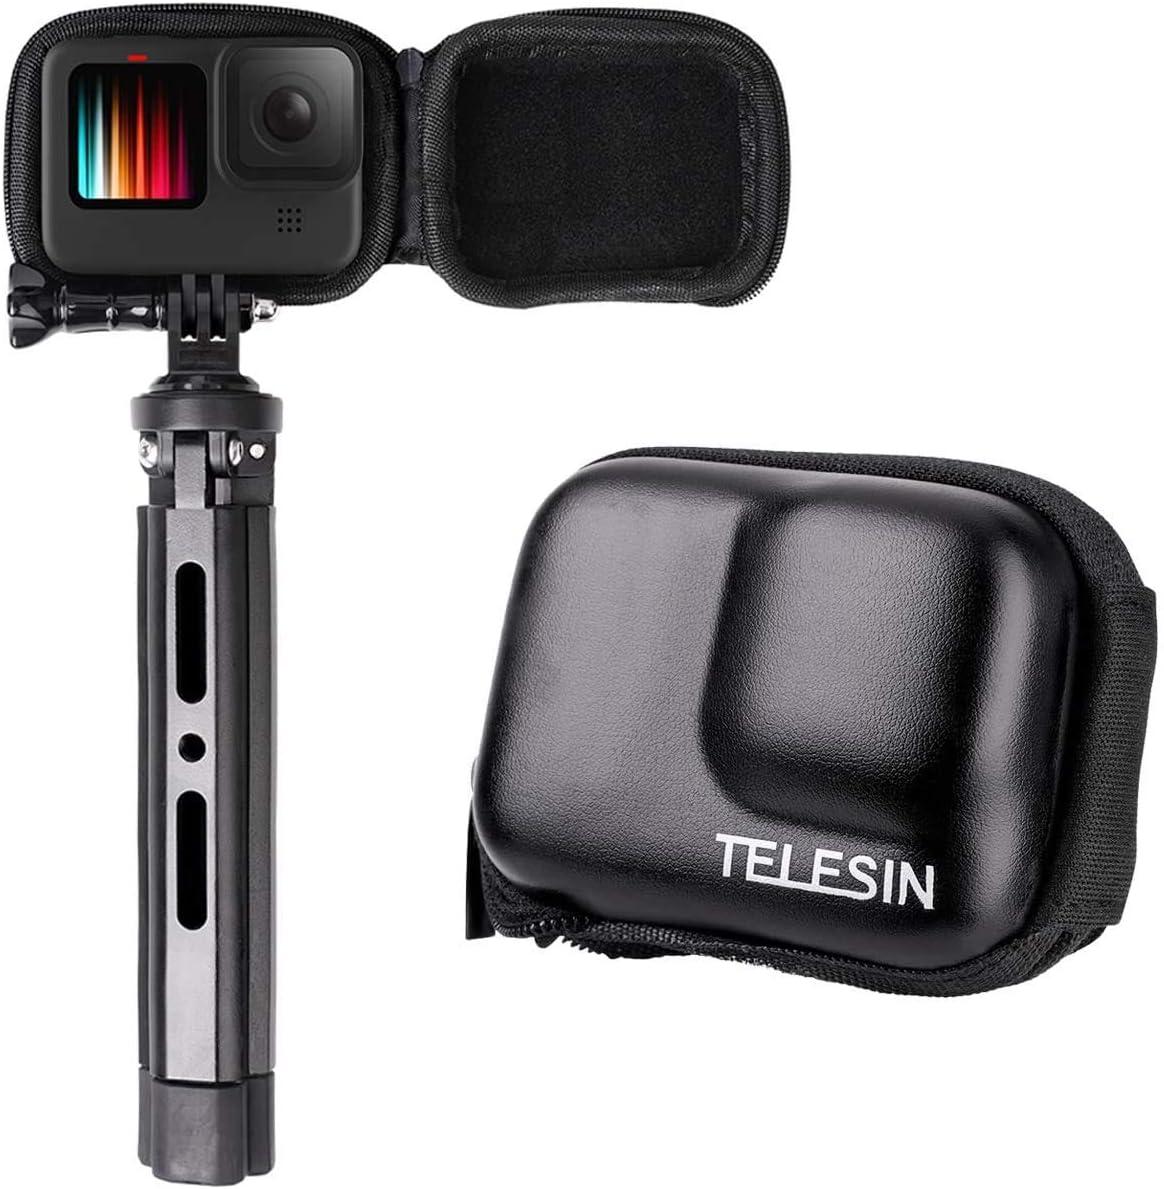 Telesin Mini Tasche Für Hero 9 Schwarz Tragbar Kameratasche Mit Halbstarrer Tasche Für Transport Gopro Hero 9 Kompatibel Mit Selfie Stick Für Hero 9 Sport Freizeit